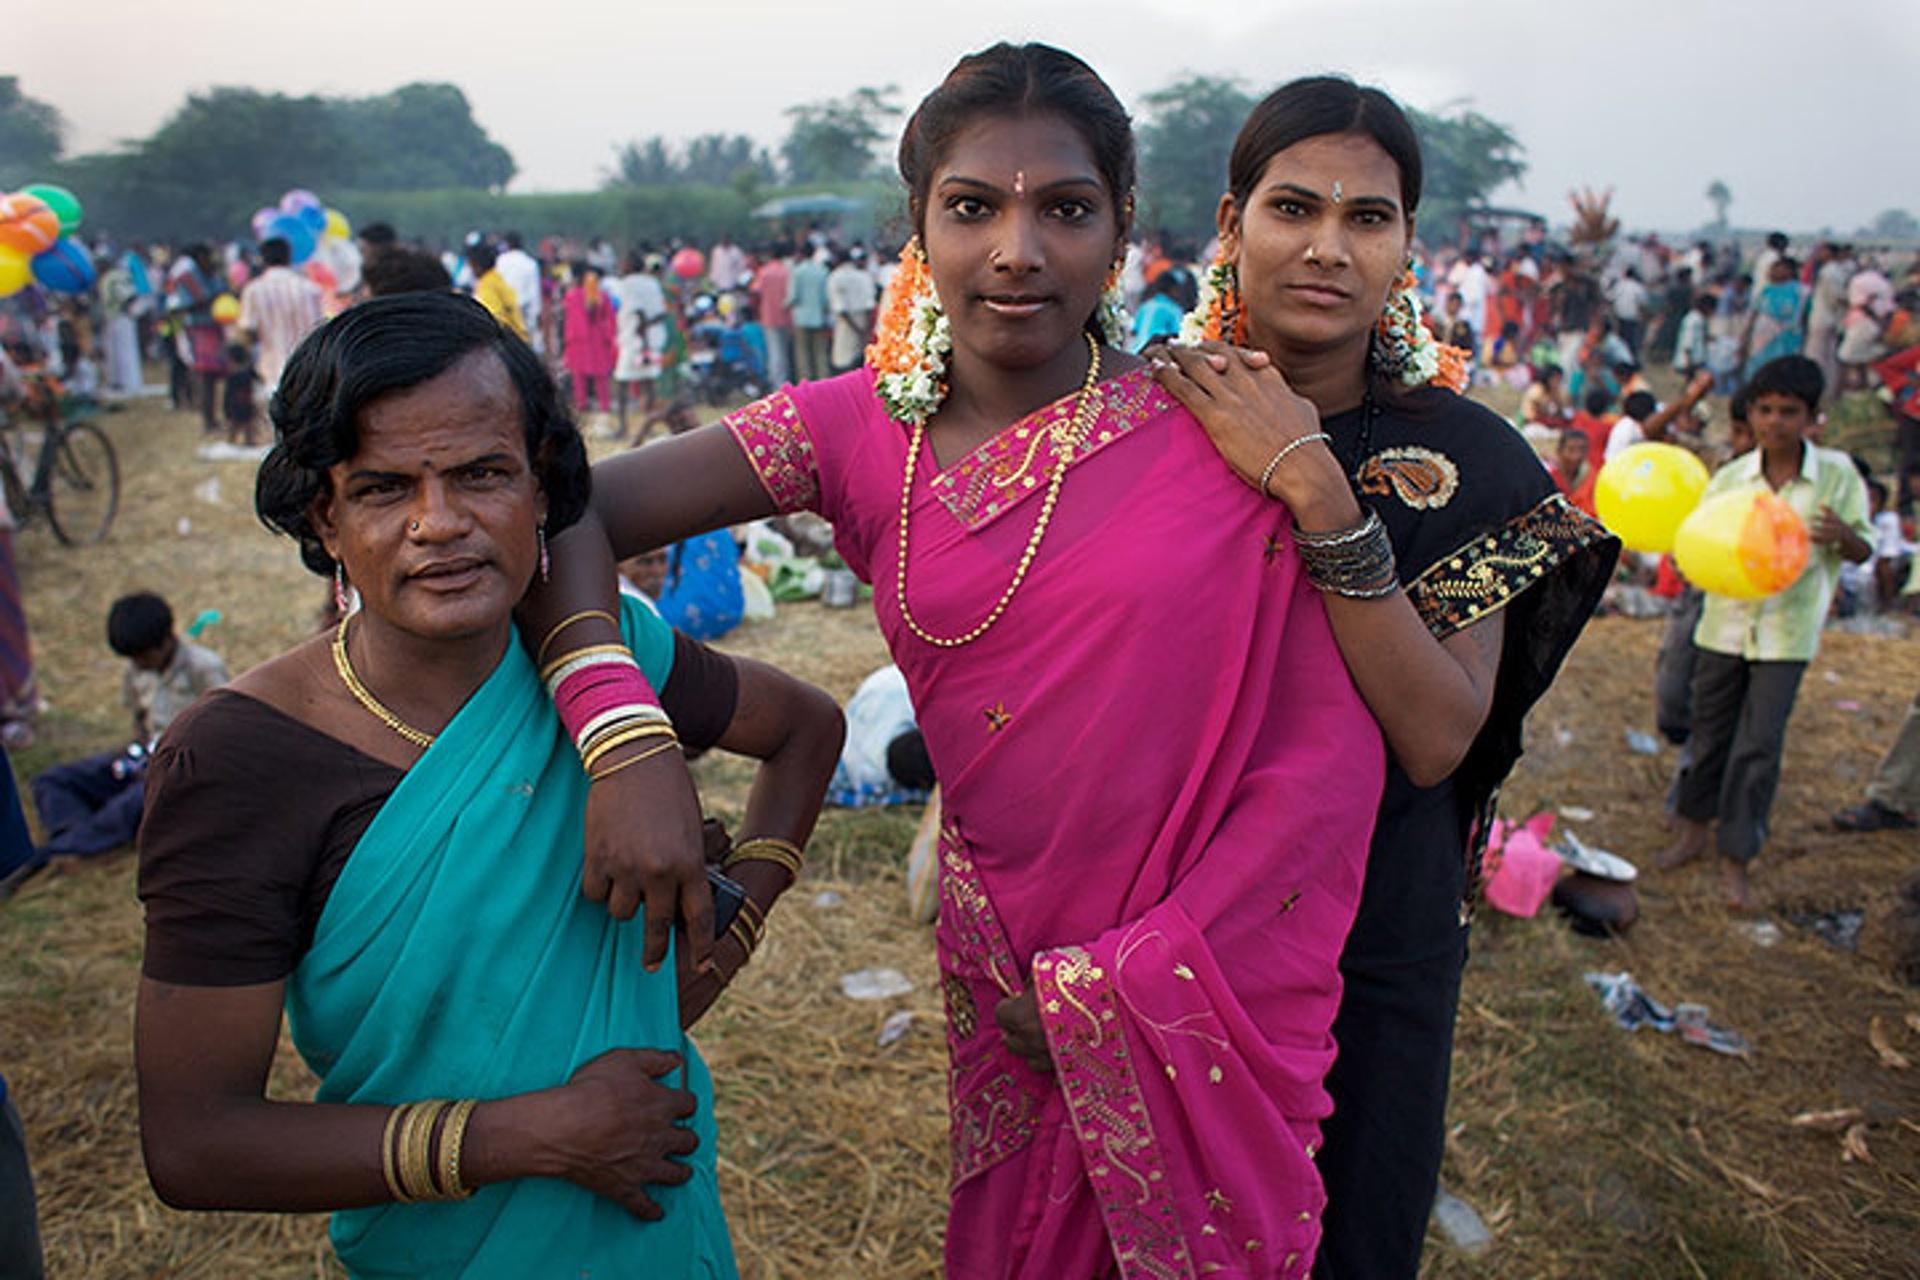 Фото индийских трансвеститов 4 фотография